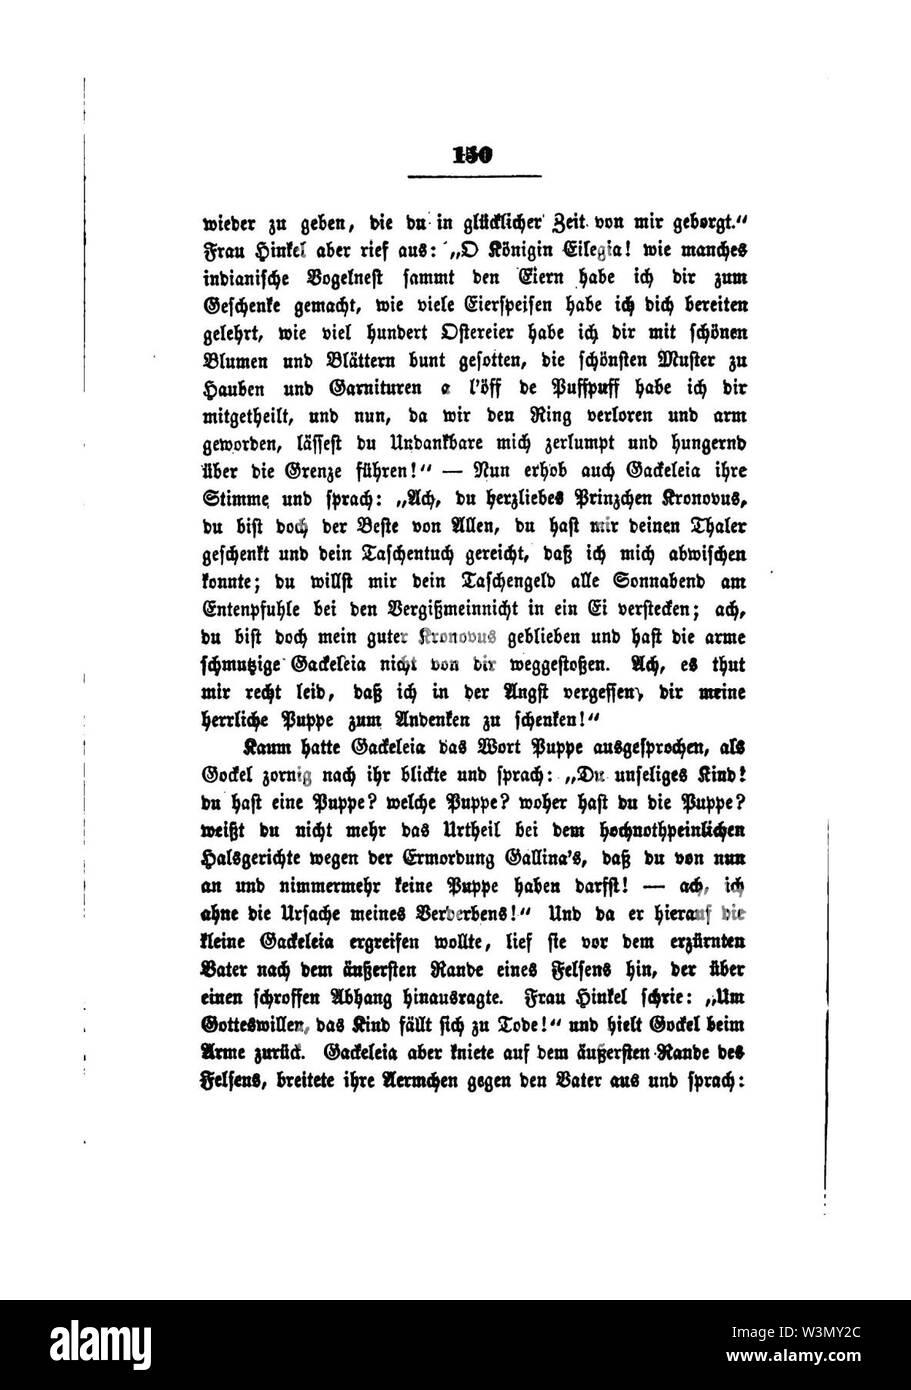 Clemens Brentano's gesammelte Schriften V 150. - Stock Image